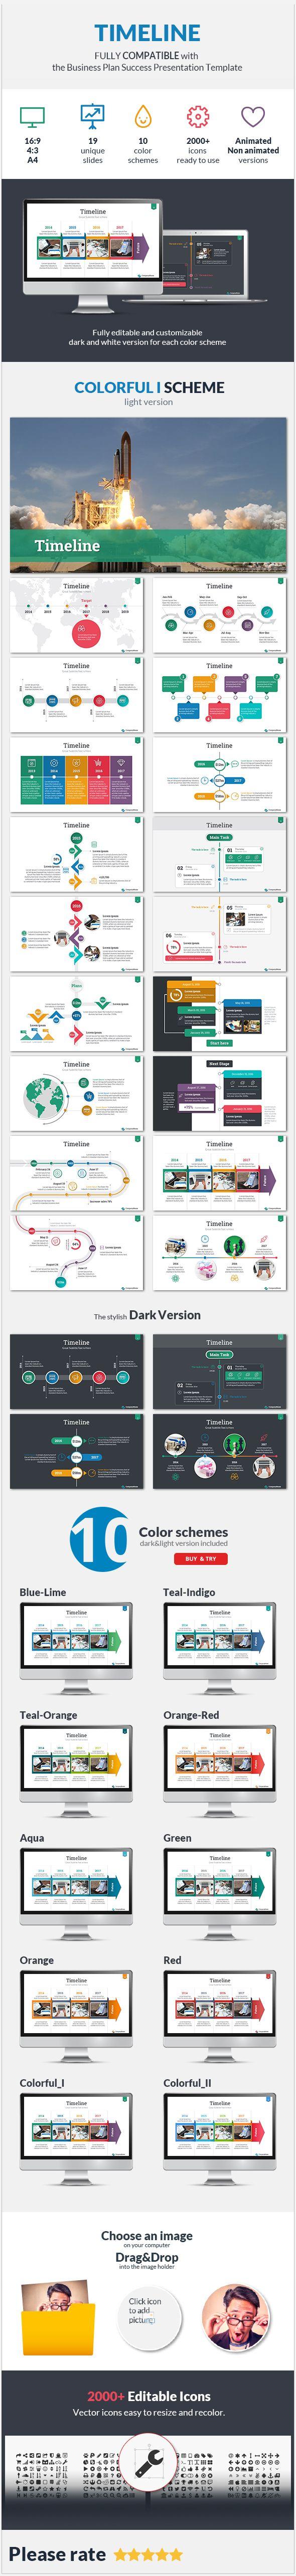 88 best #UX Roadmap images on Pinterest | Gantt chart, Timeline ...